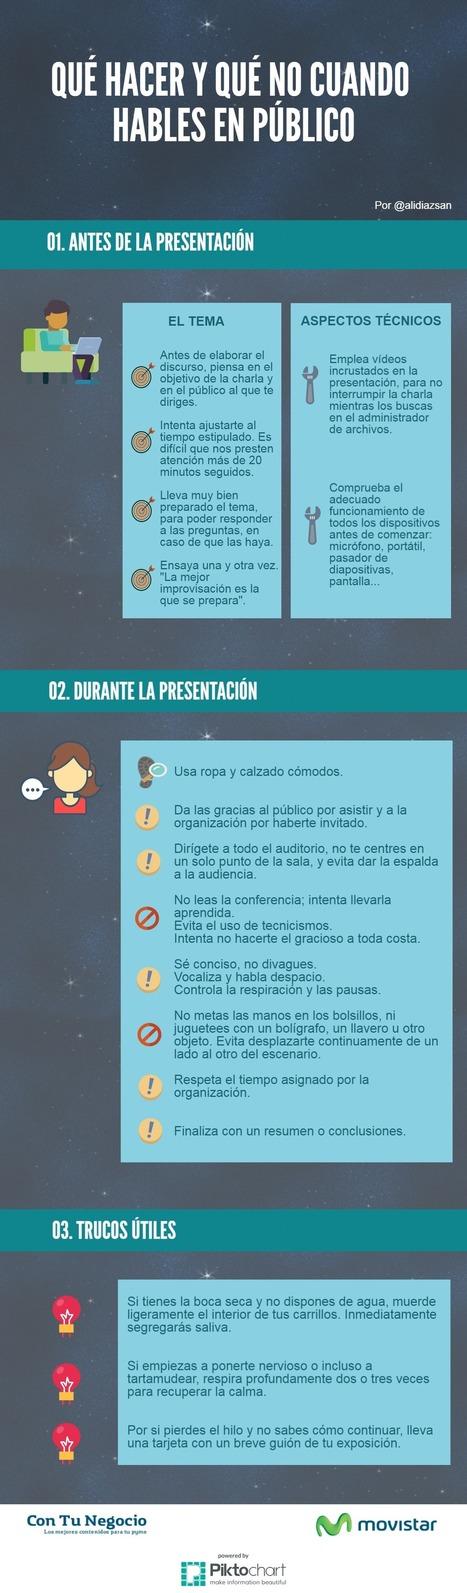 ELBLOGDEFORMACION: Qué hacer y qué no para Hablar en Público #infografia #infographic | Educacion, ecologia y TIC | Scoop.it